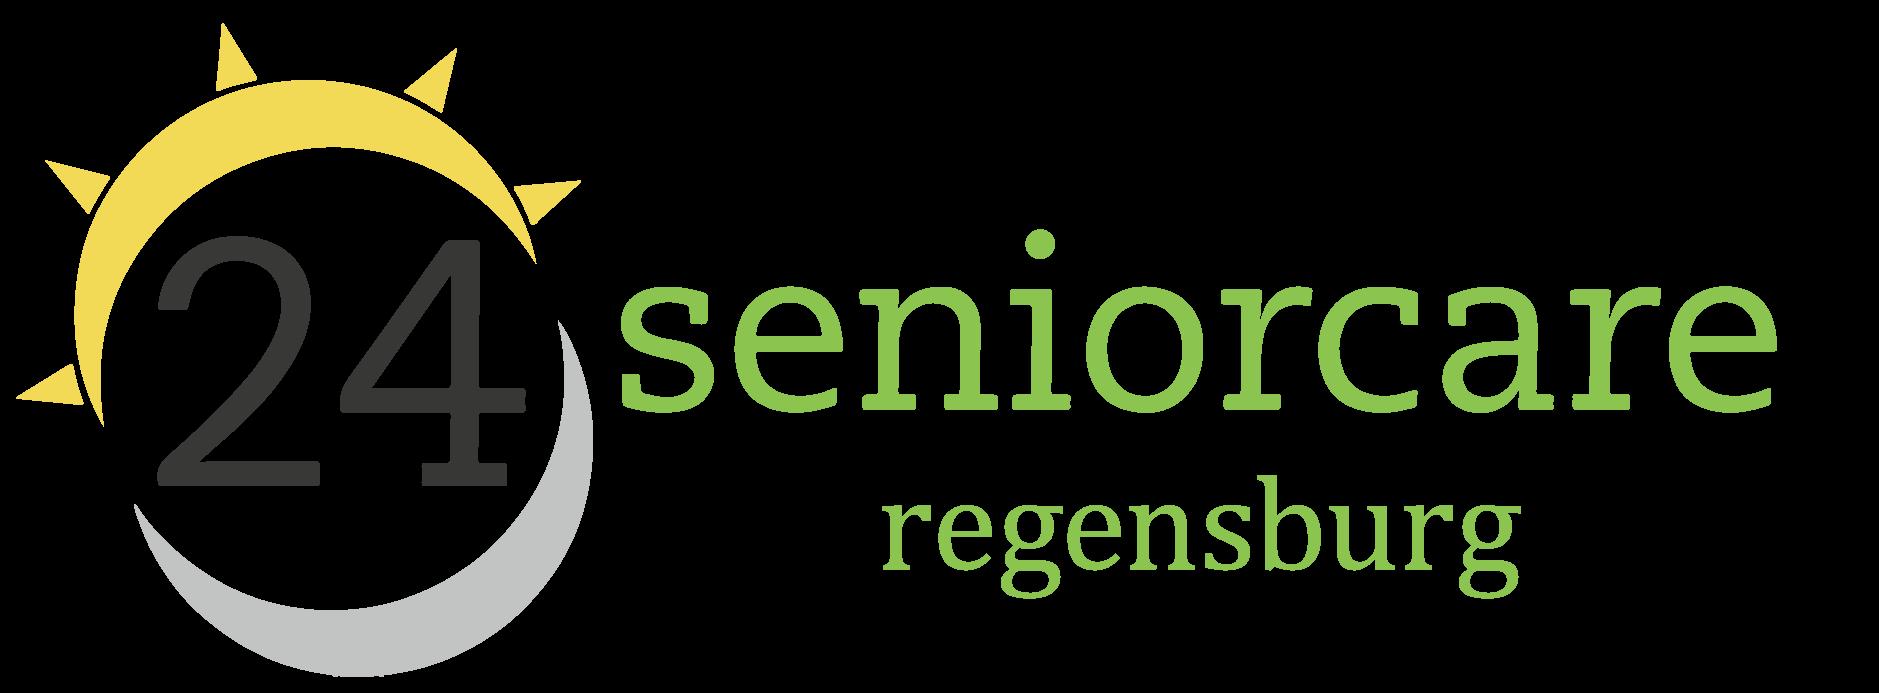 24seniorcare Regensburg